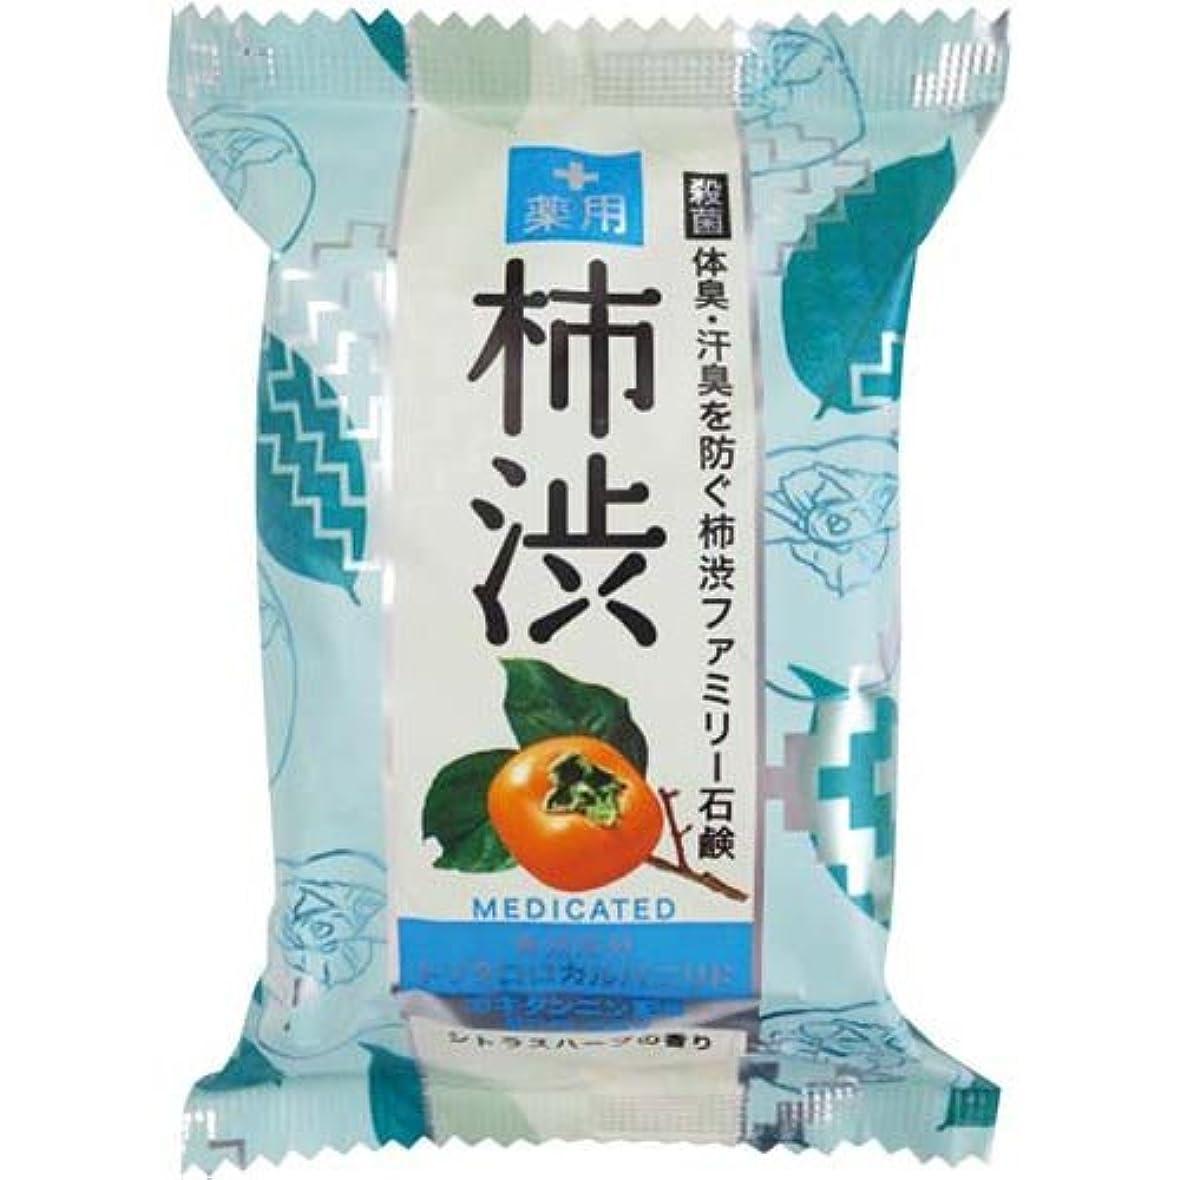 最終会計士泣き叫ぶペリカン石鹸 薬用ファミリー柿渋石鹸×6個×4箱